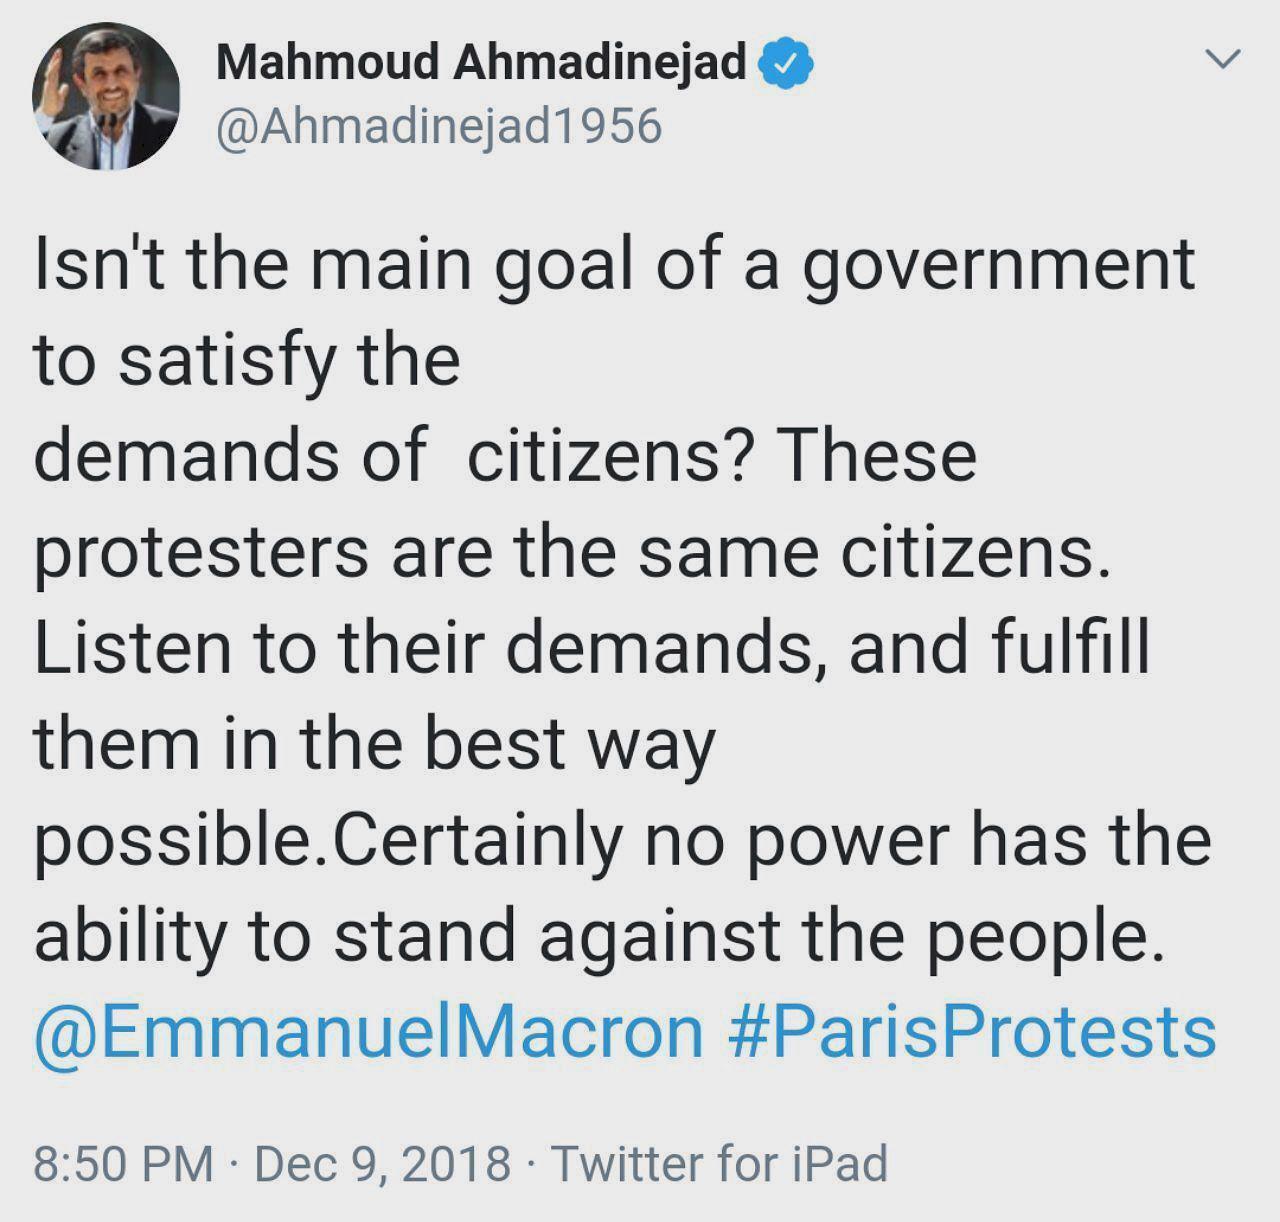 تذکر احمدینژاد به رئیس جمهور فرانسه: به حرف مردم گوش کن